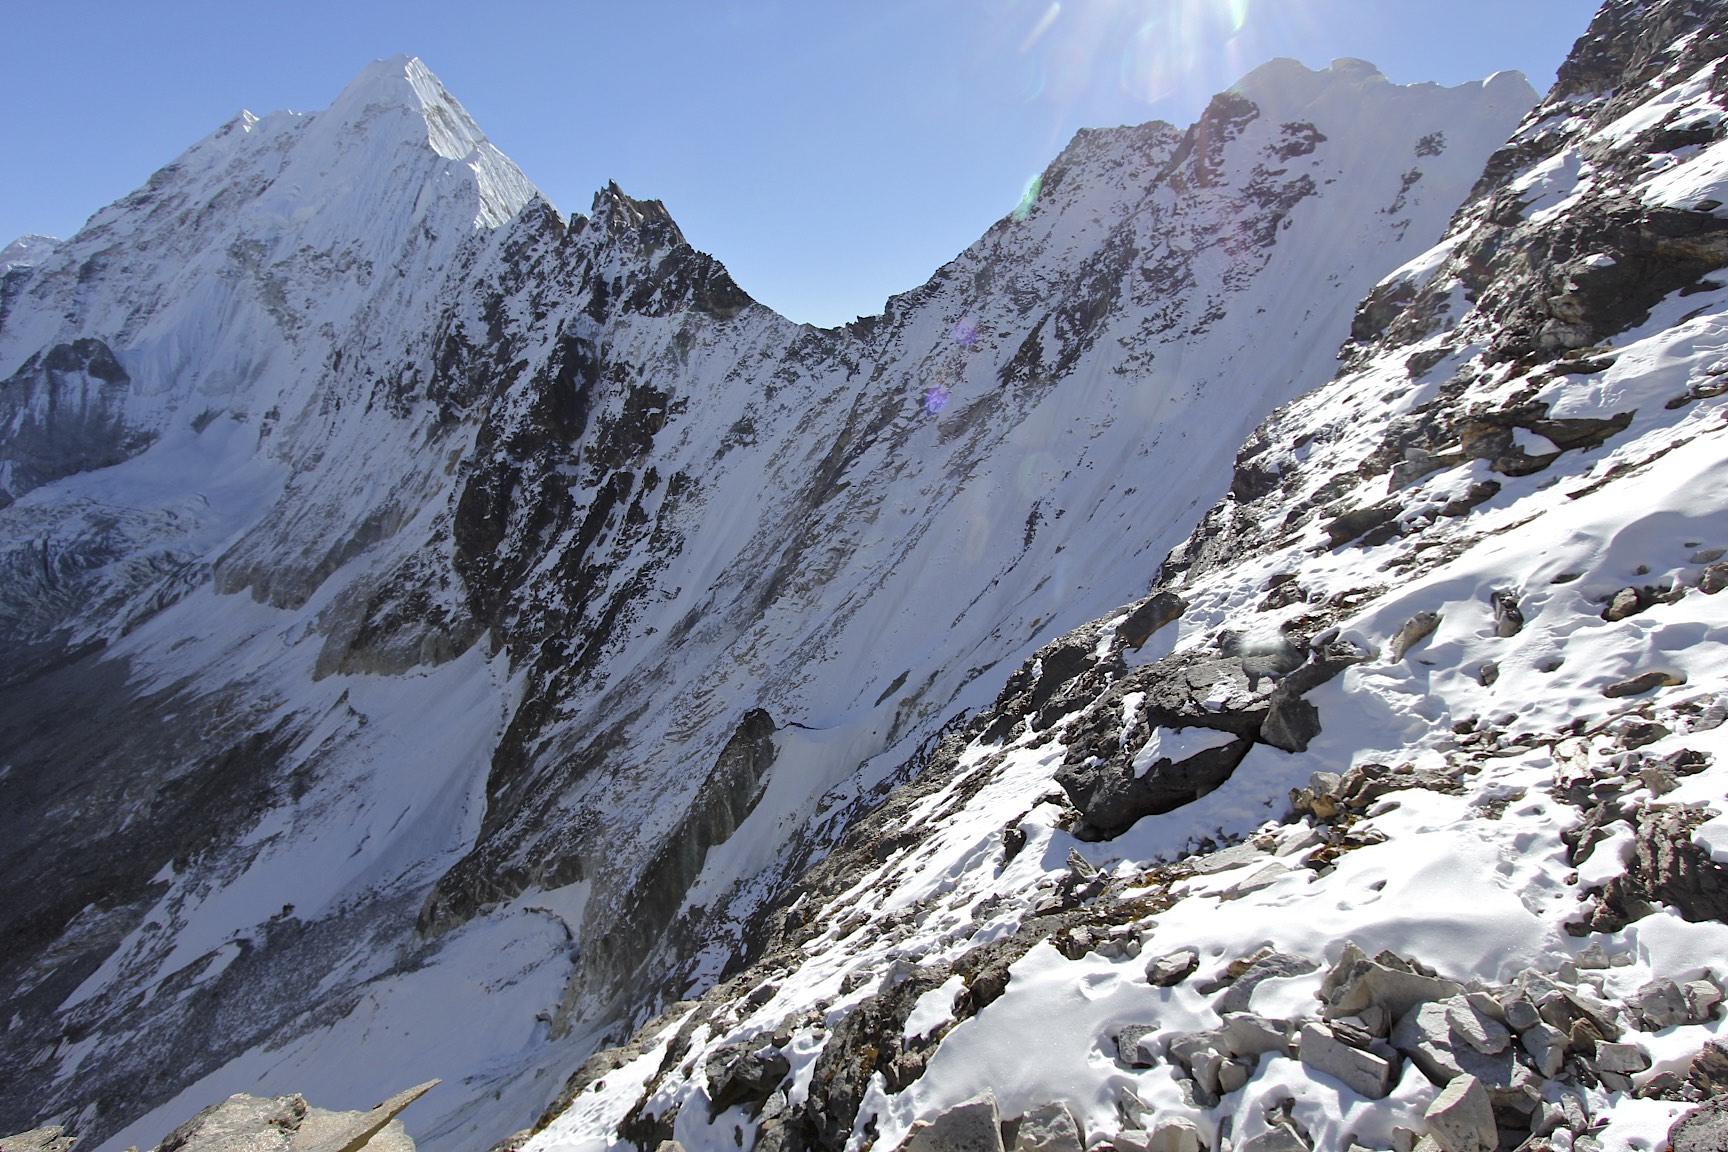 Looking down from Amphu Labtsa Pass, 5,900m.